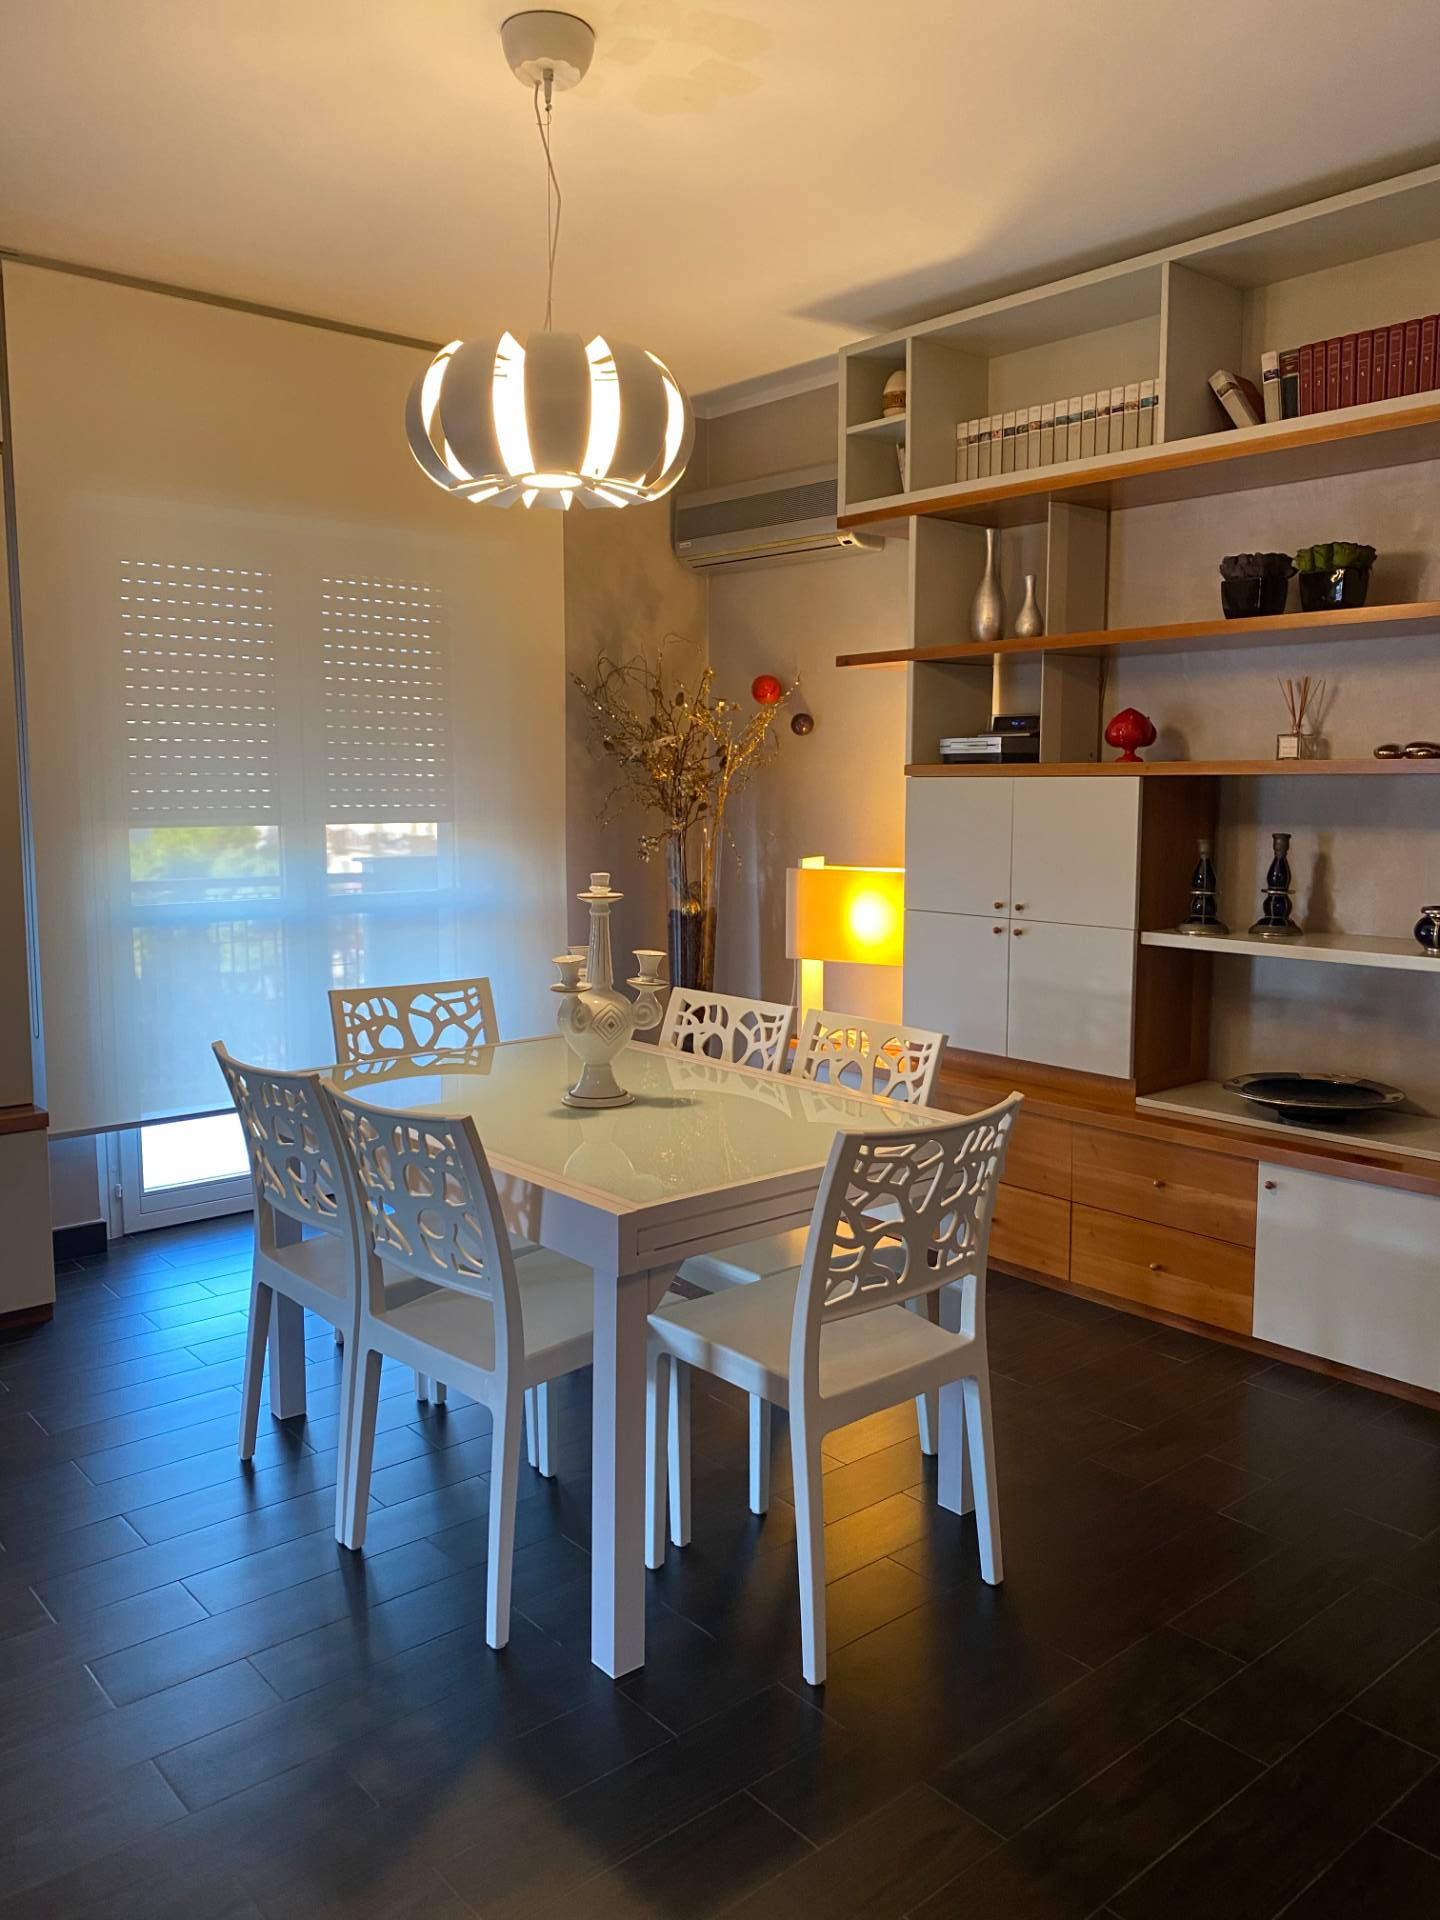 Appartamento in affitto a Taranto, 3 locali, zona Località: Italia, prezzo € 1.200 | CambioCasa.it